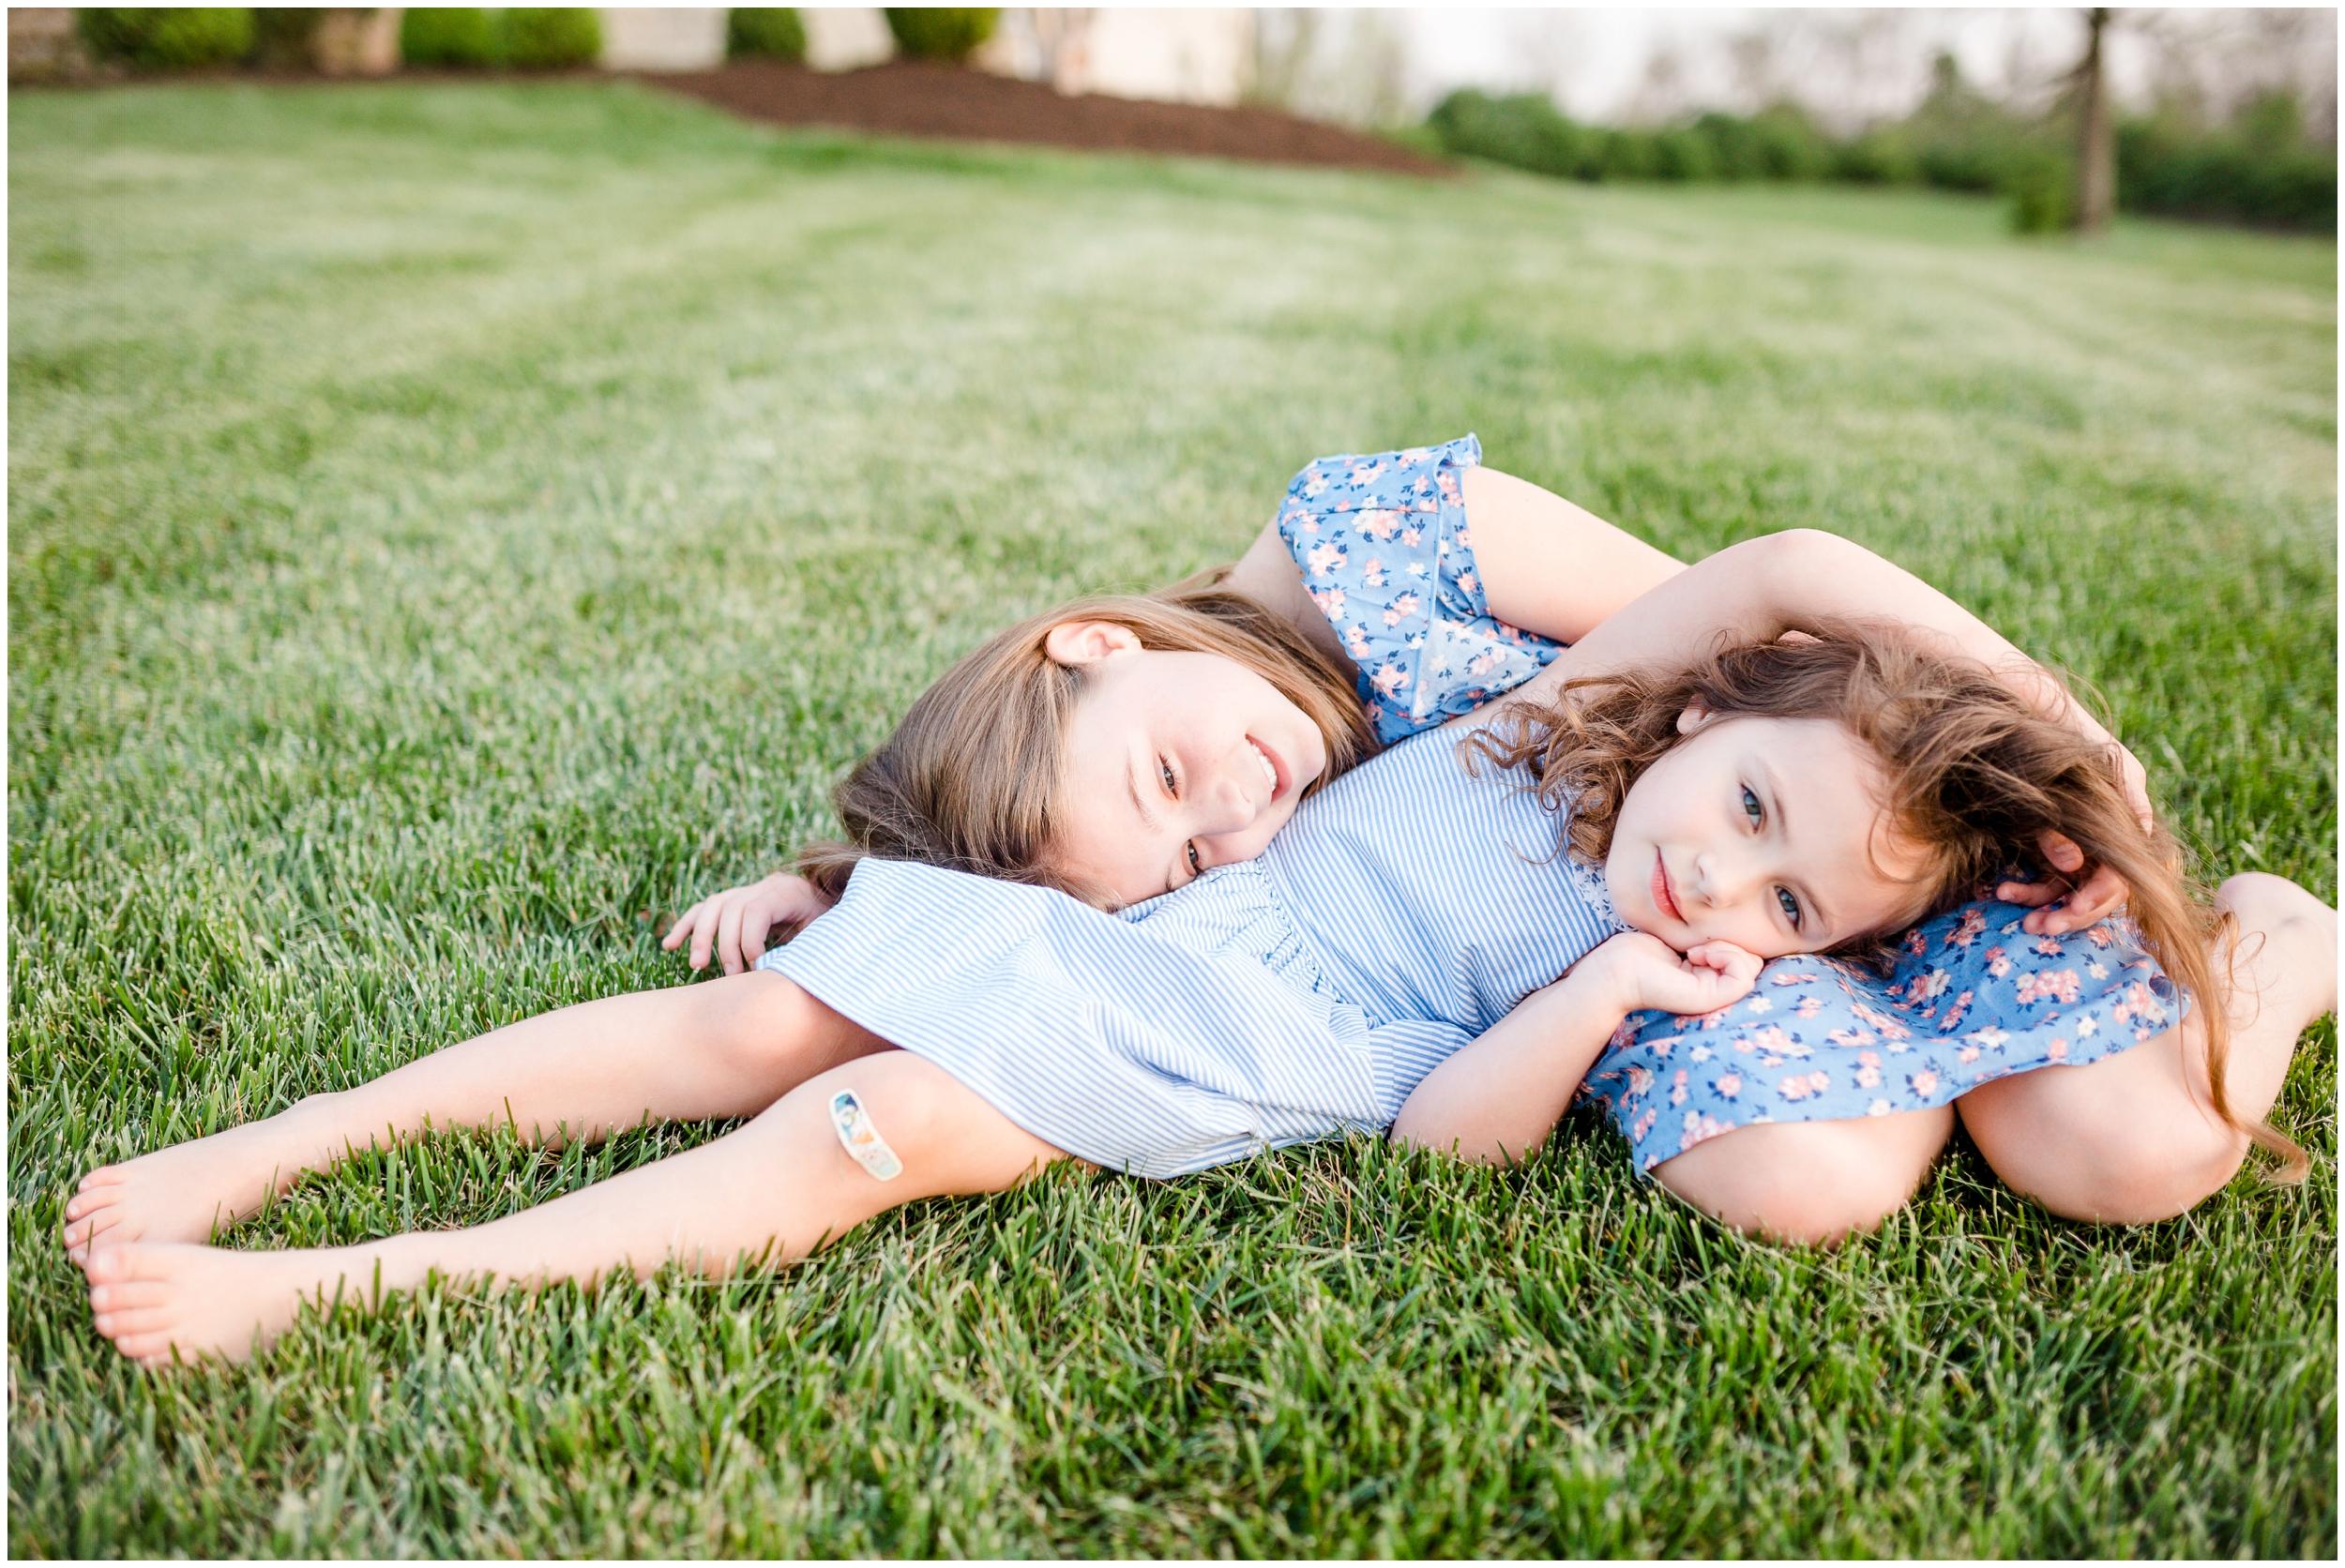 lexington-ky-family-lifestyle-photography-Priscilla-Baierlein-Photography_0272.jpg